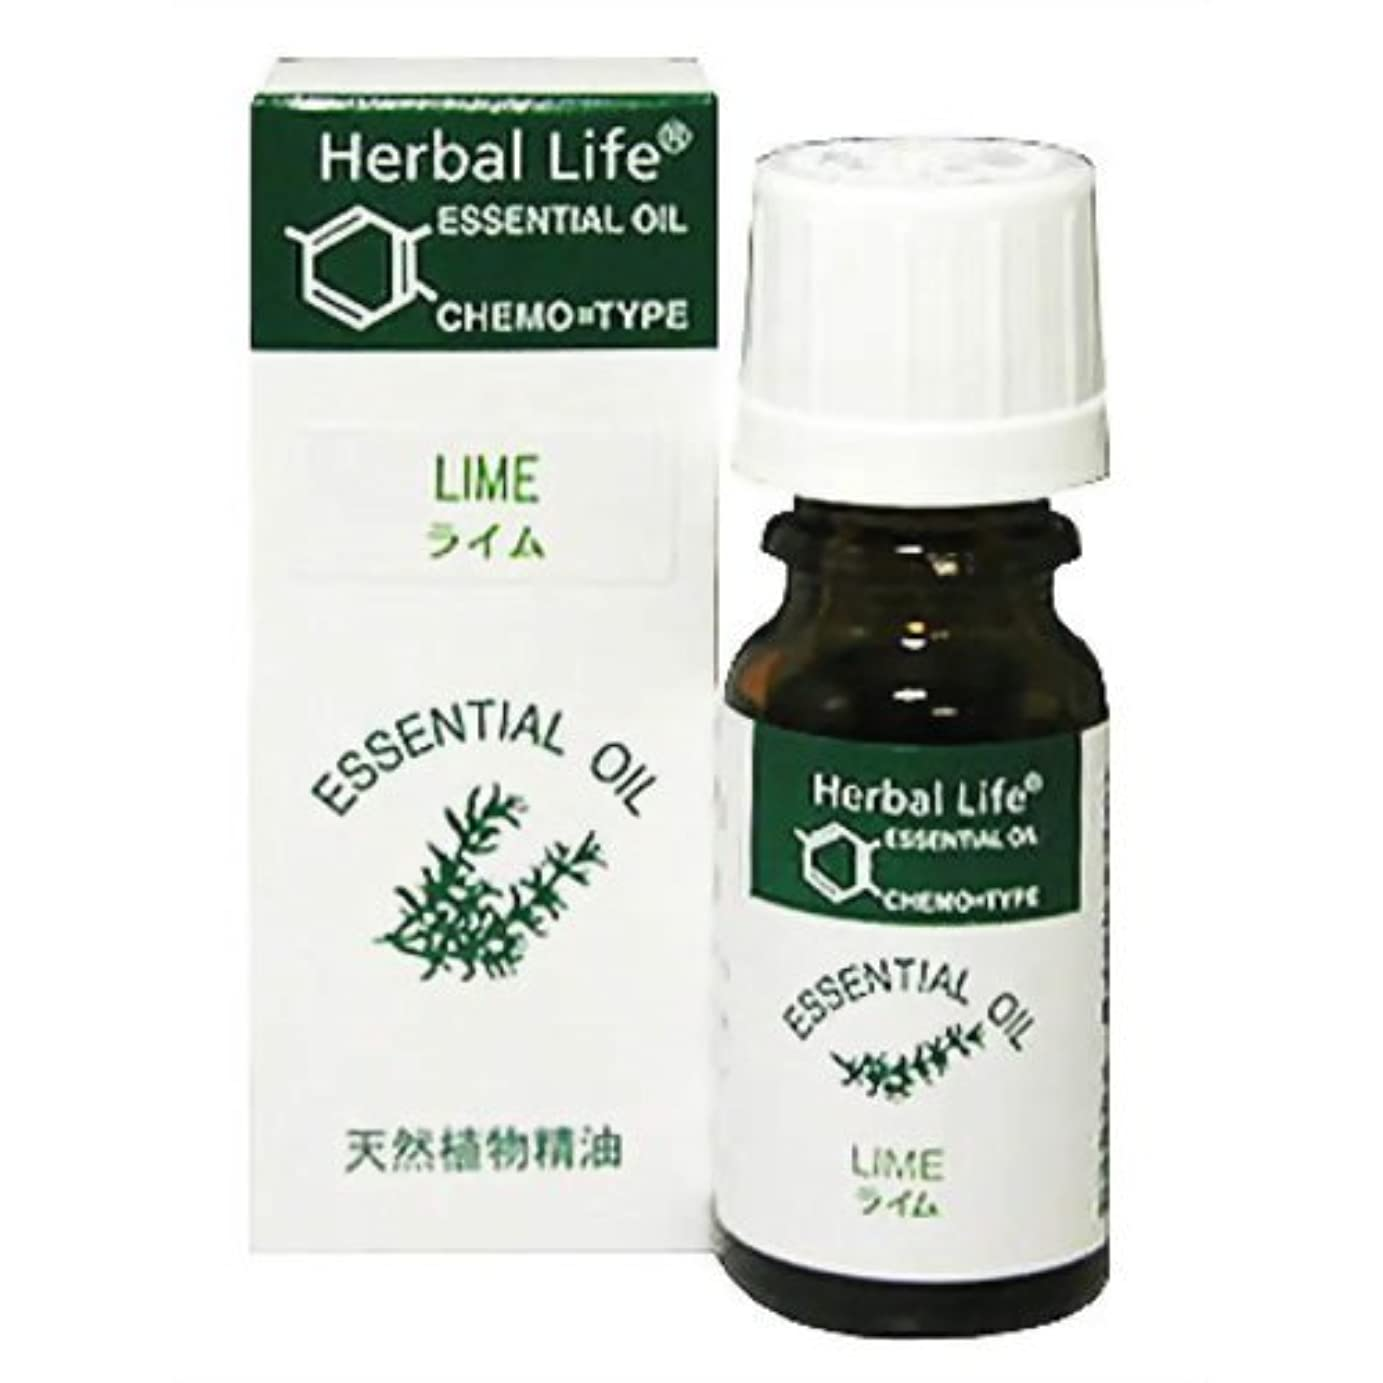 巨大裏切り者説得力のある生活の木 Herbal Life ライム 10ml